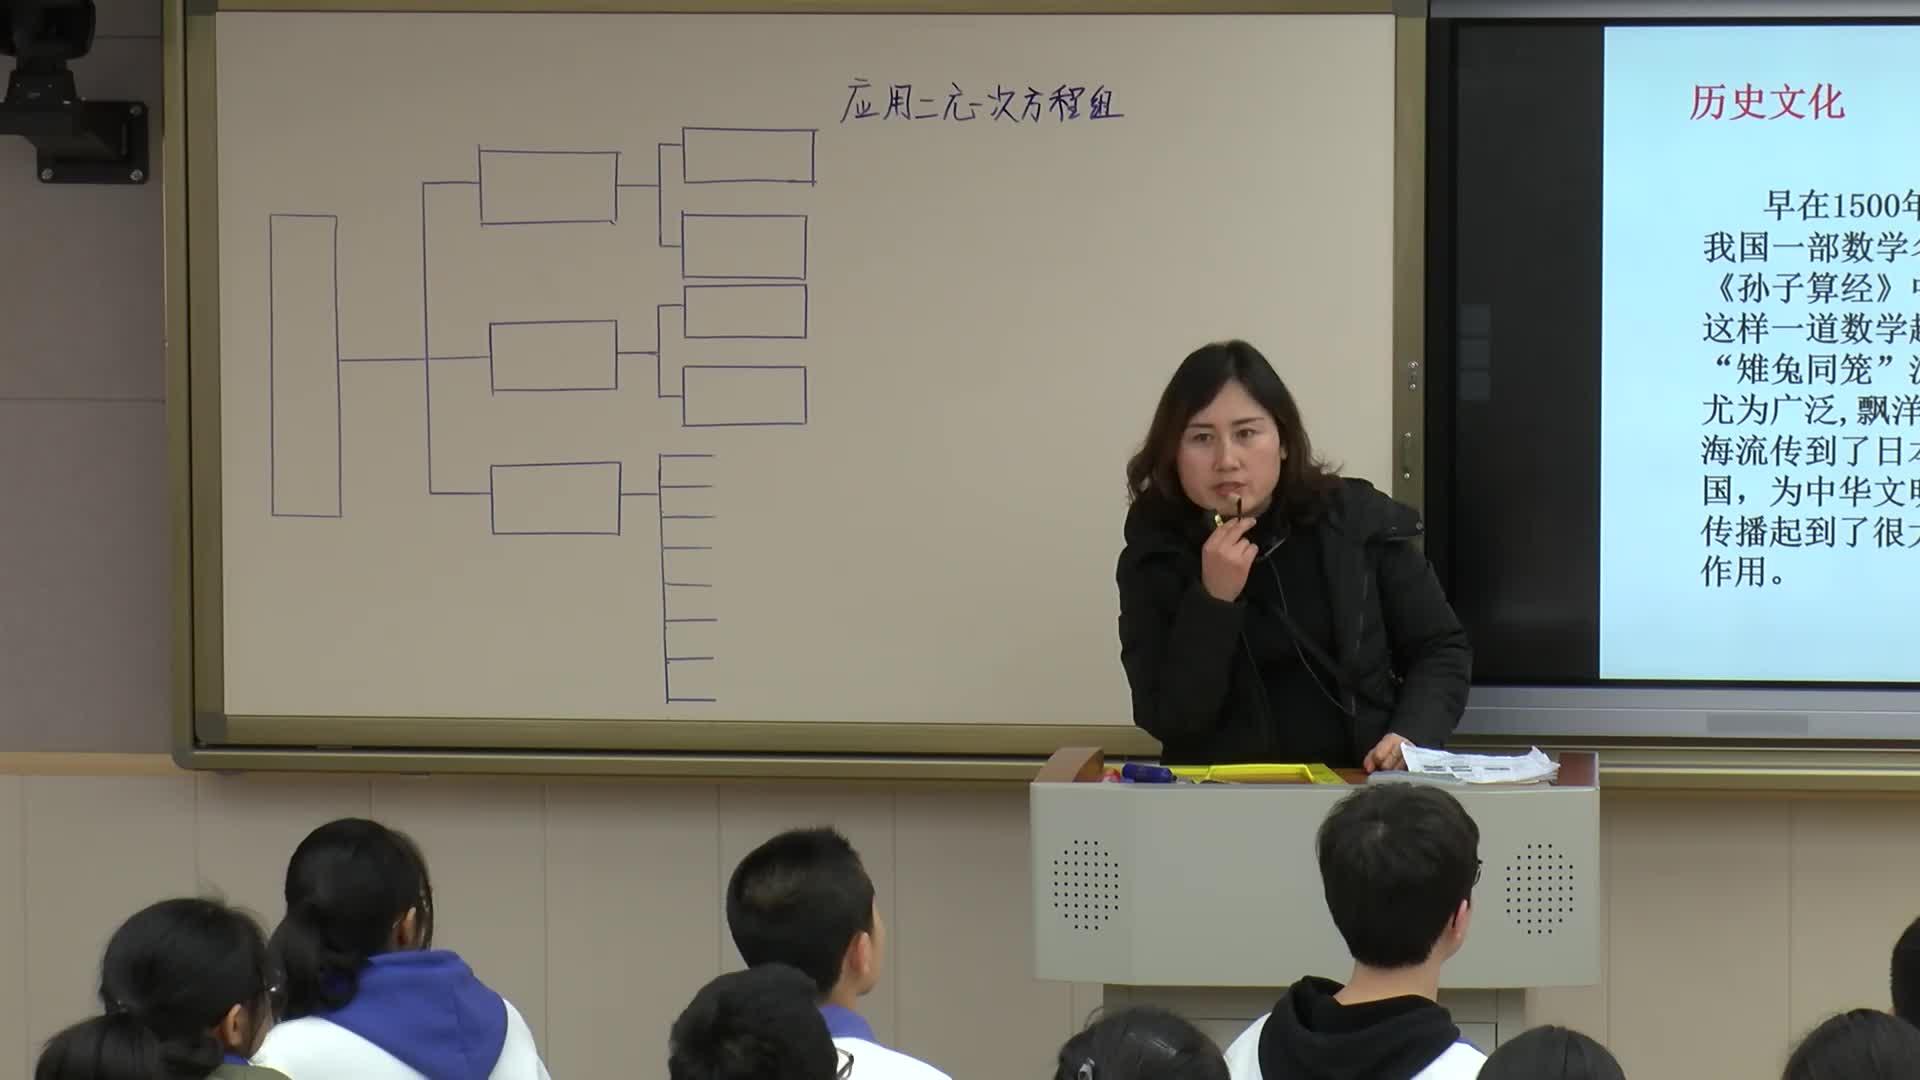 【公开课】北师版八年级数学上册 5.3 应用二元一次方程组-鸡兔同笼(视频)